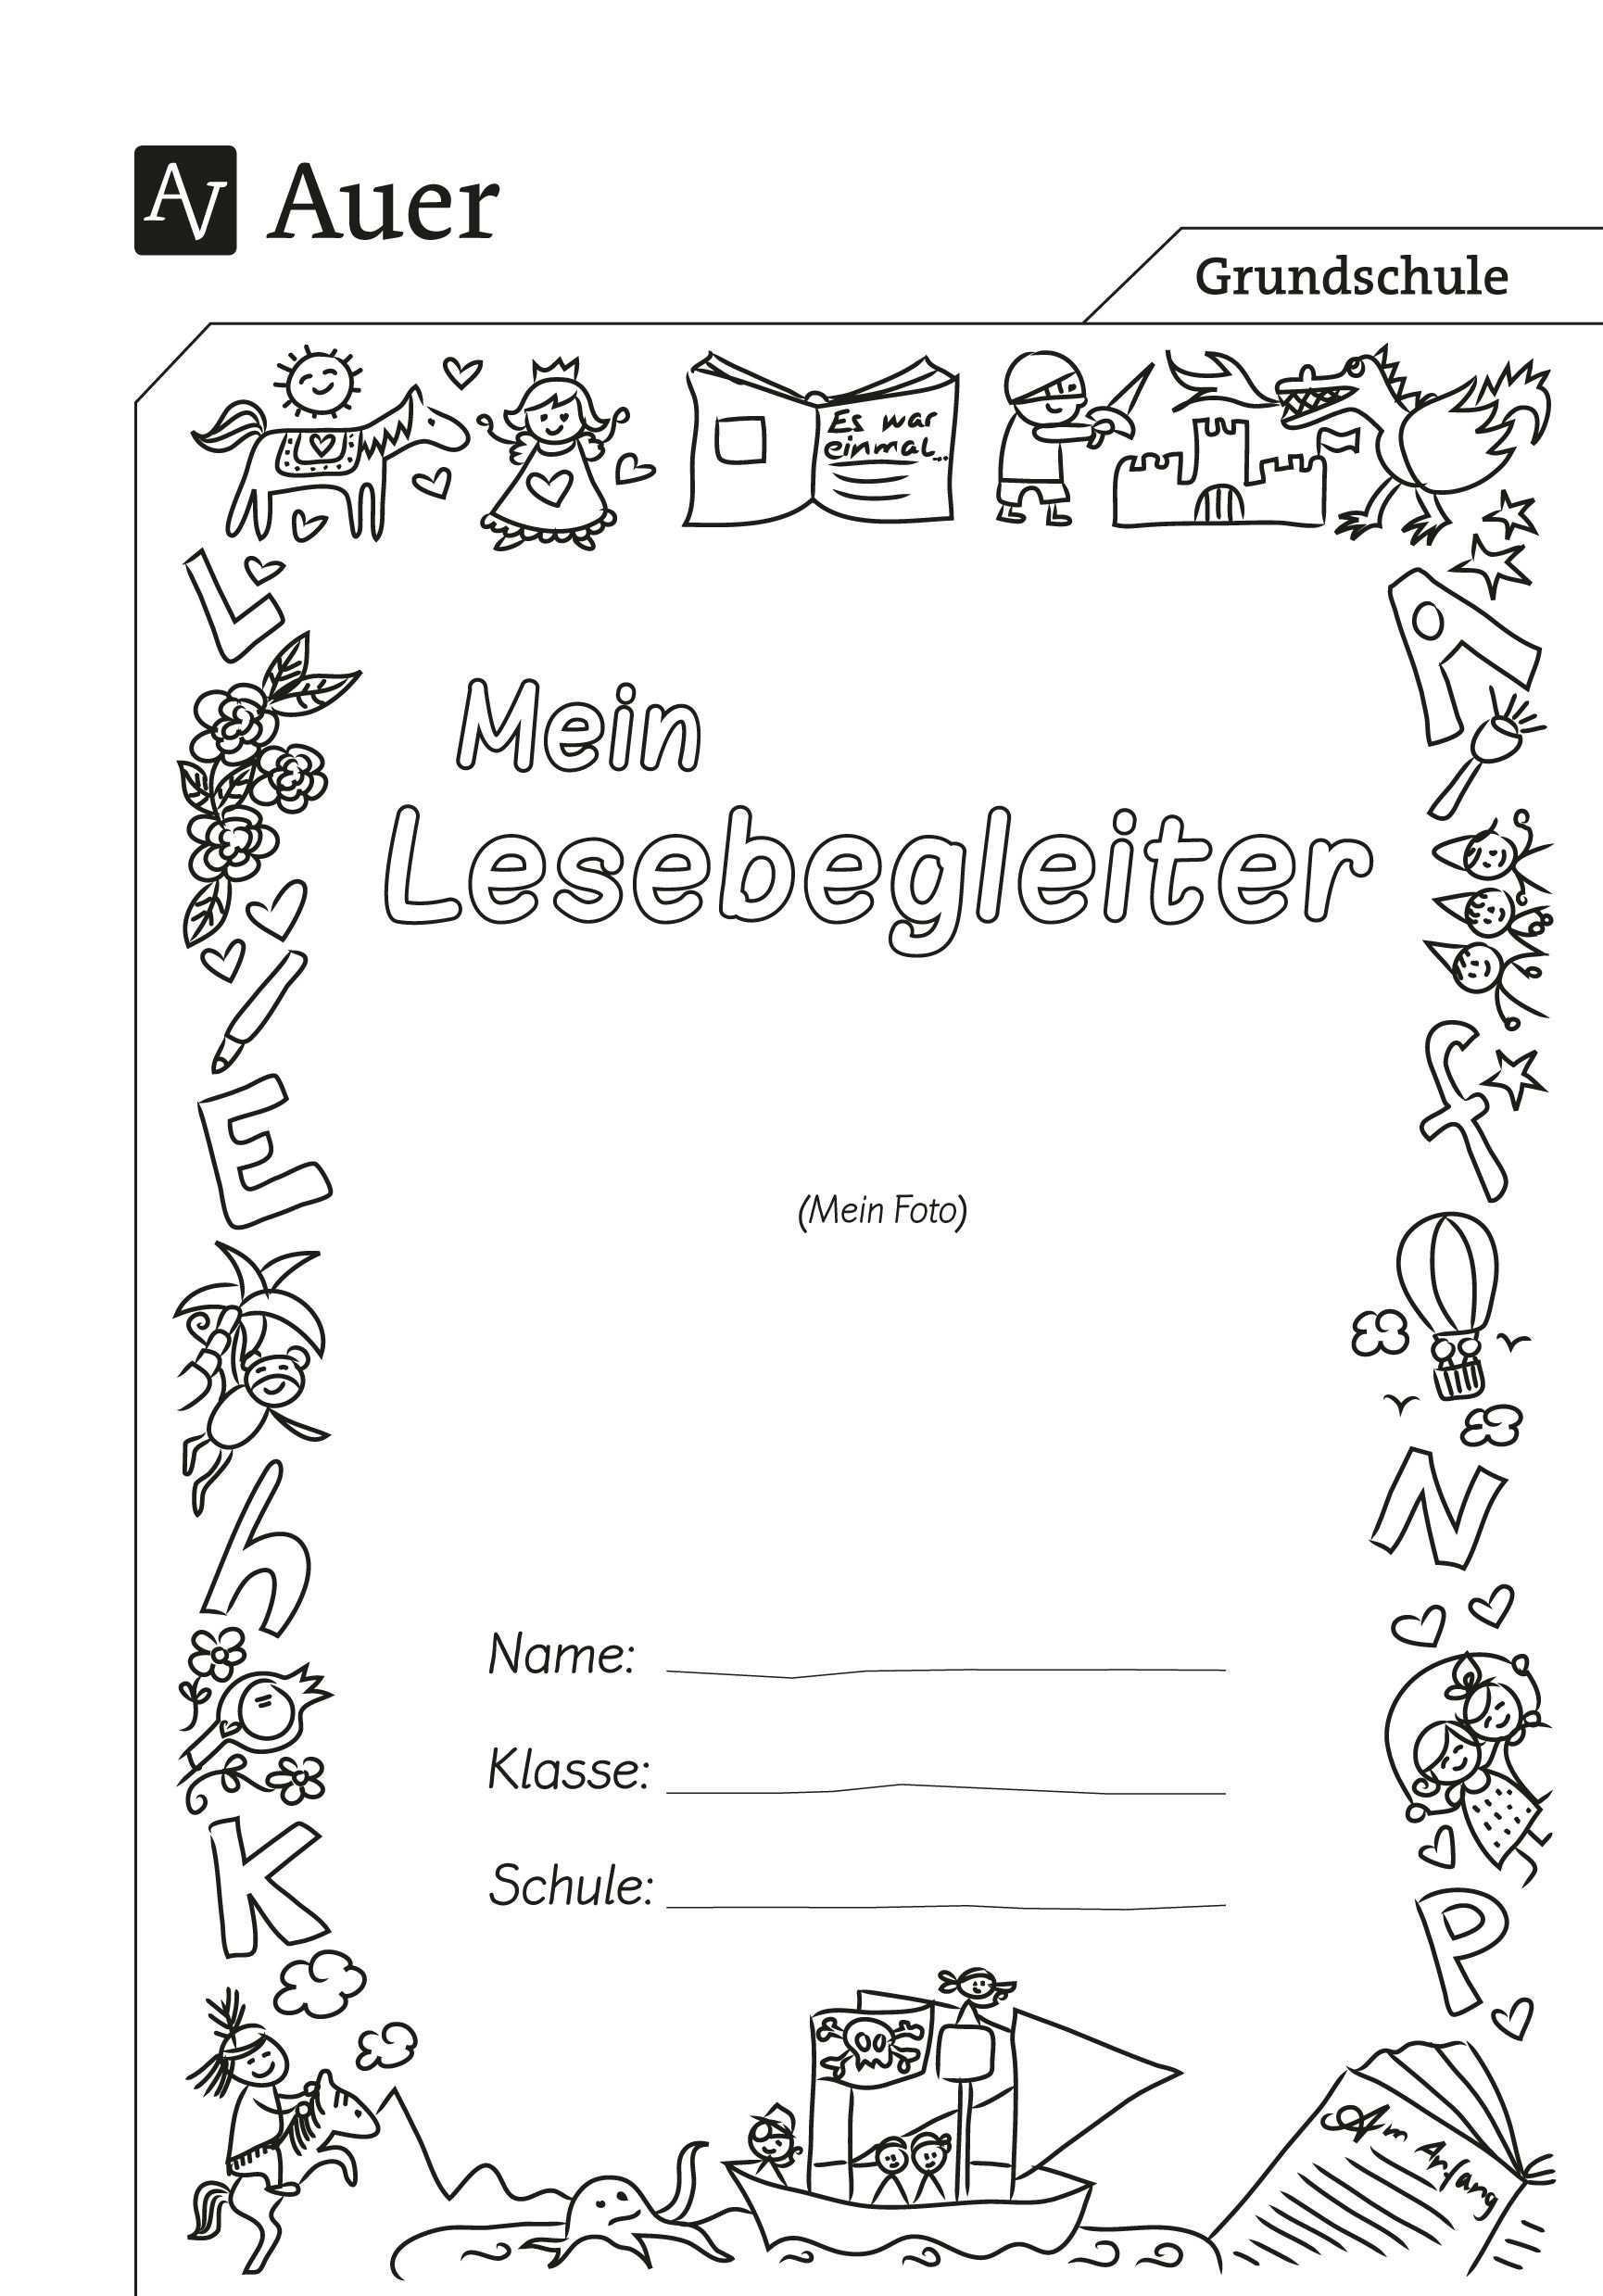 Leseerlebnisse Eines Ganzen Schuljahres Dokumentieren Reflektieren Lesen Lesebegleiter Lesetagebuch Tagebuch Grundschu Lesetagebuch Leseforderung Lesen